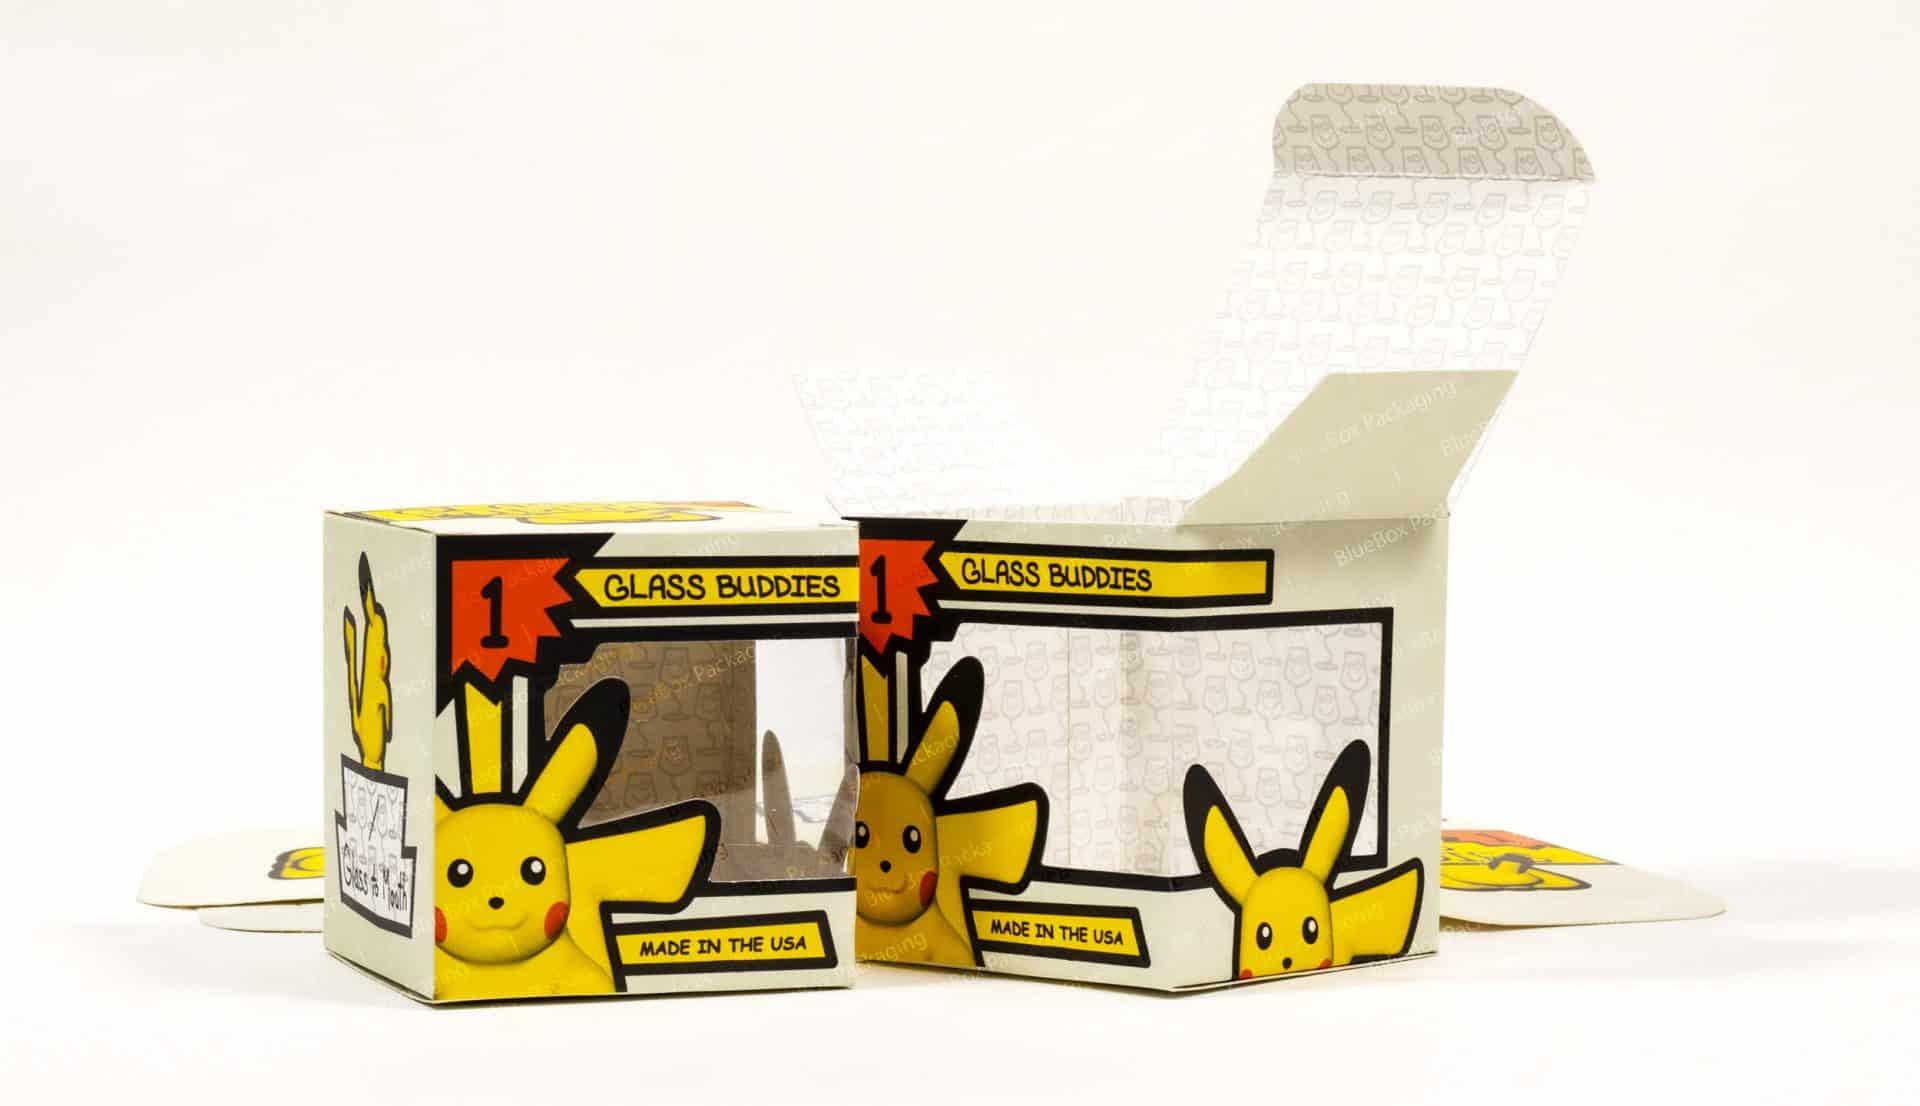 cardboard window boxes